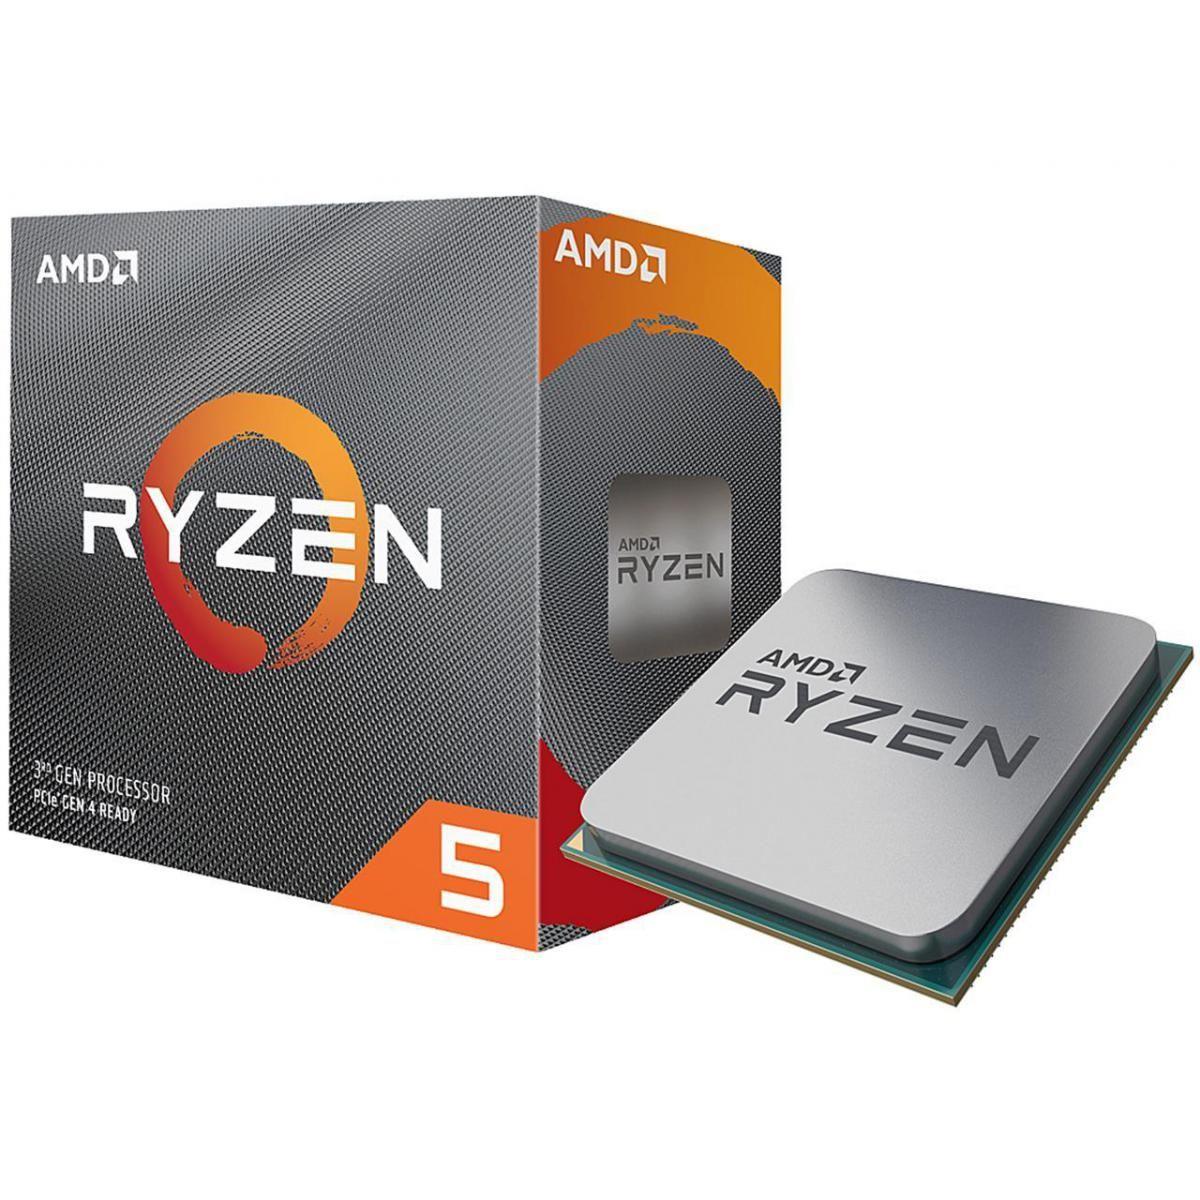 Processeur AMD Ryzen 5 3600 - 3,6 GHz, Sans ventirad (136.19 avec le code AEFD2110)